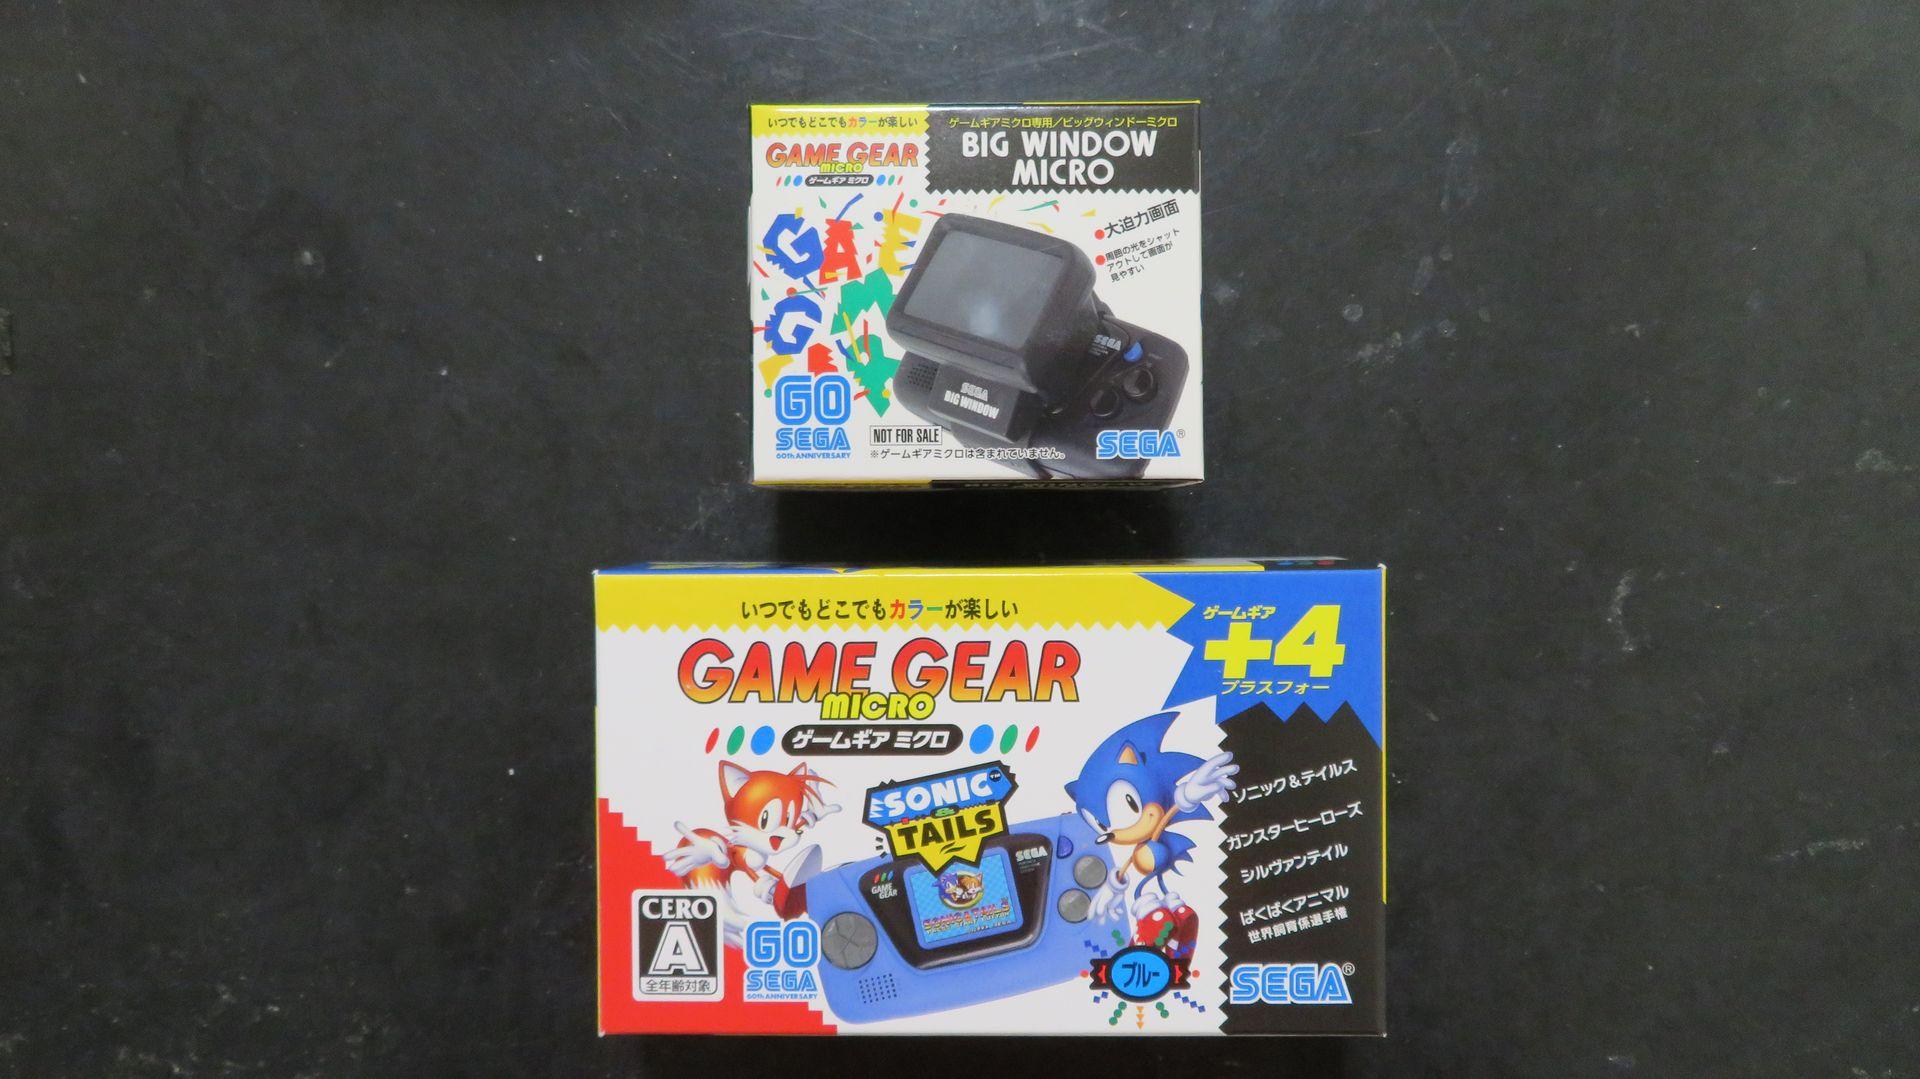 (写真上)ビッグウィンドーミクロとゲームギアミクロ本体(ブルー)のパッケージ